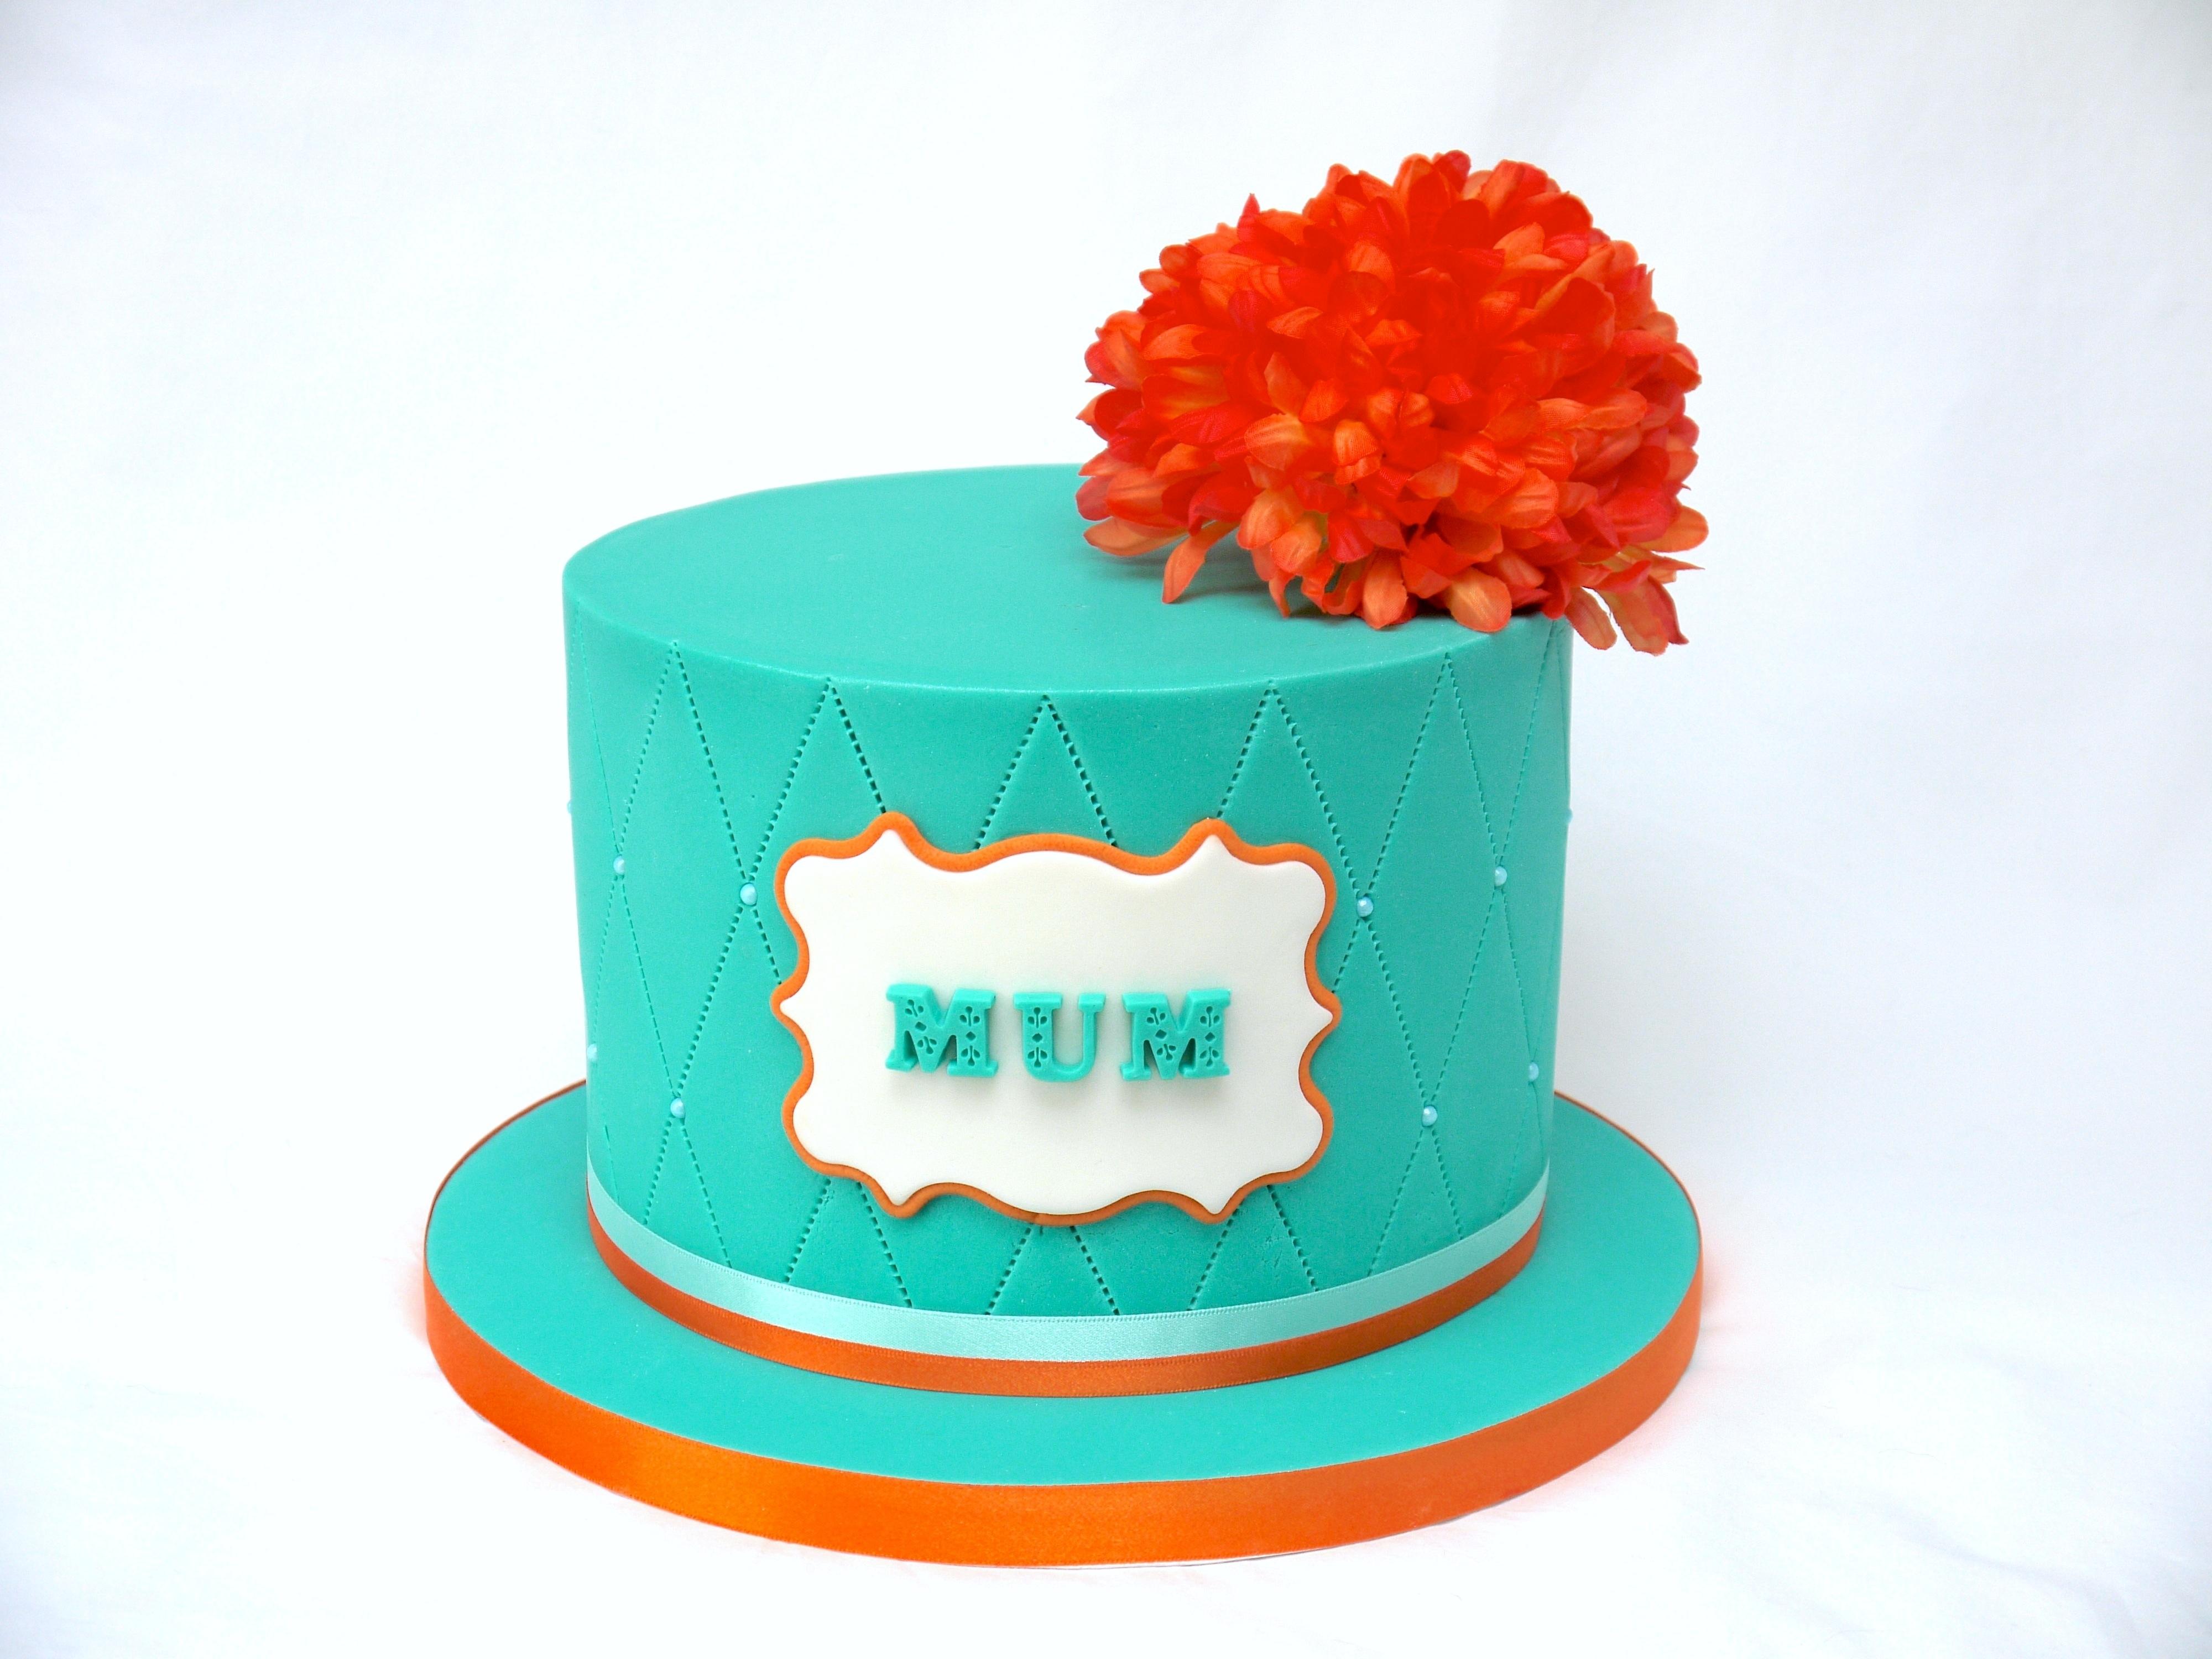 5 Little Ducks First Birthday Cake For Little Avina CakeCentralcom